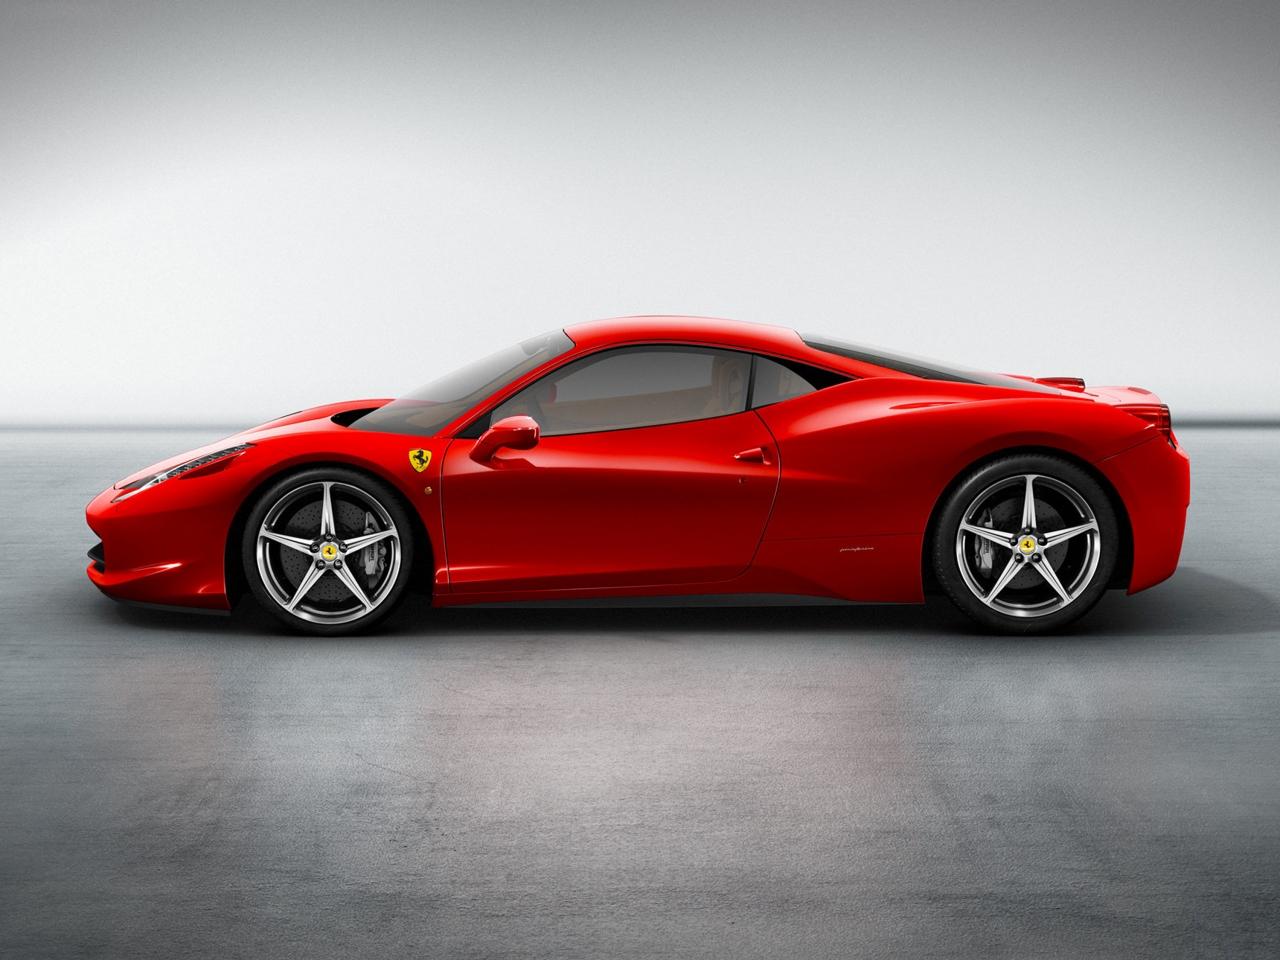 2011 Ferrari 458 Italia Motor Desktop